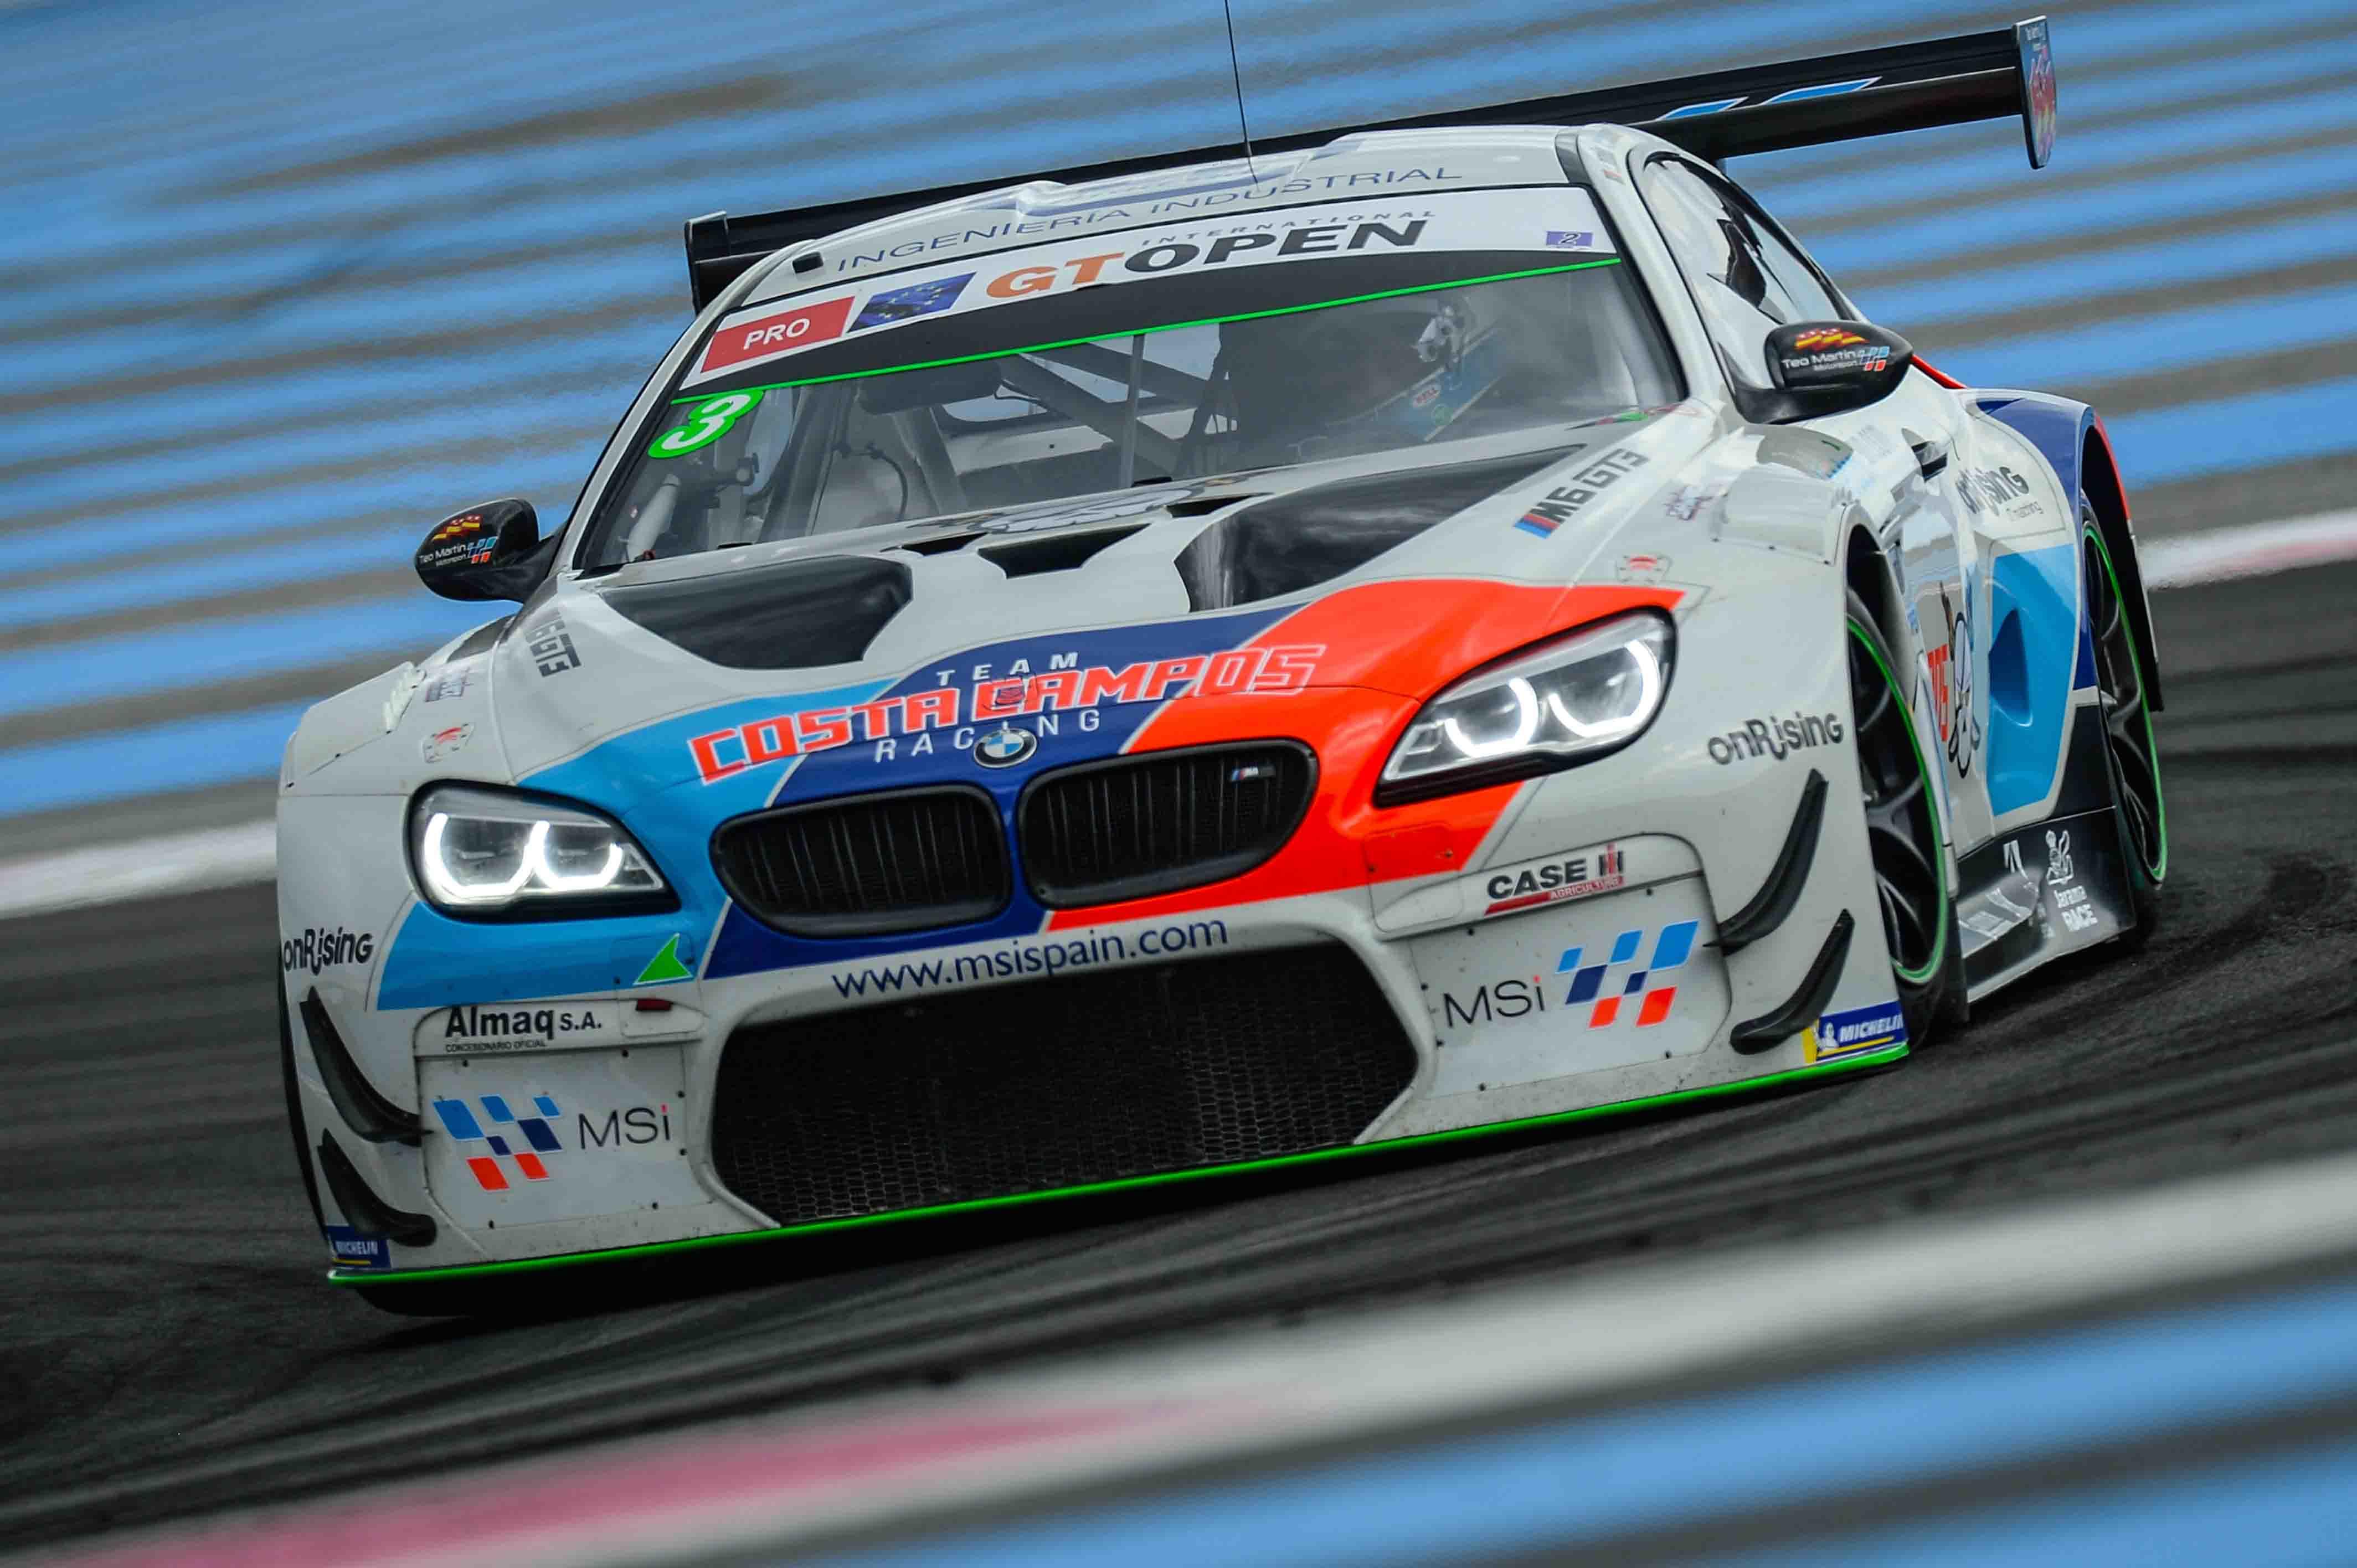 Imagem da Teo Martin Motorsport Team